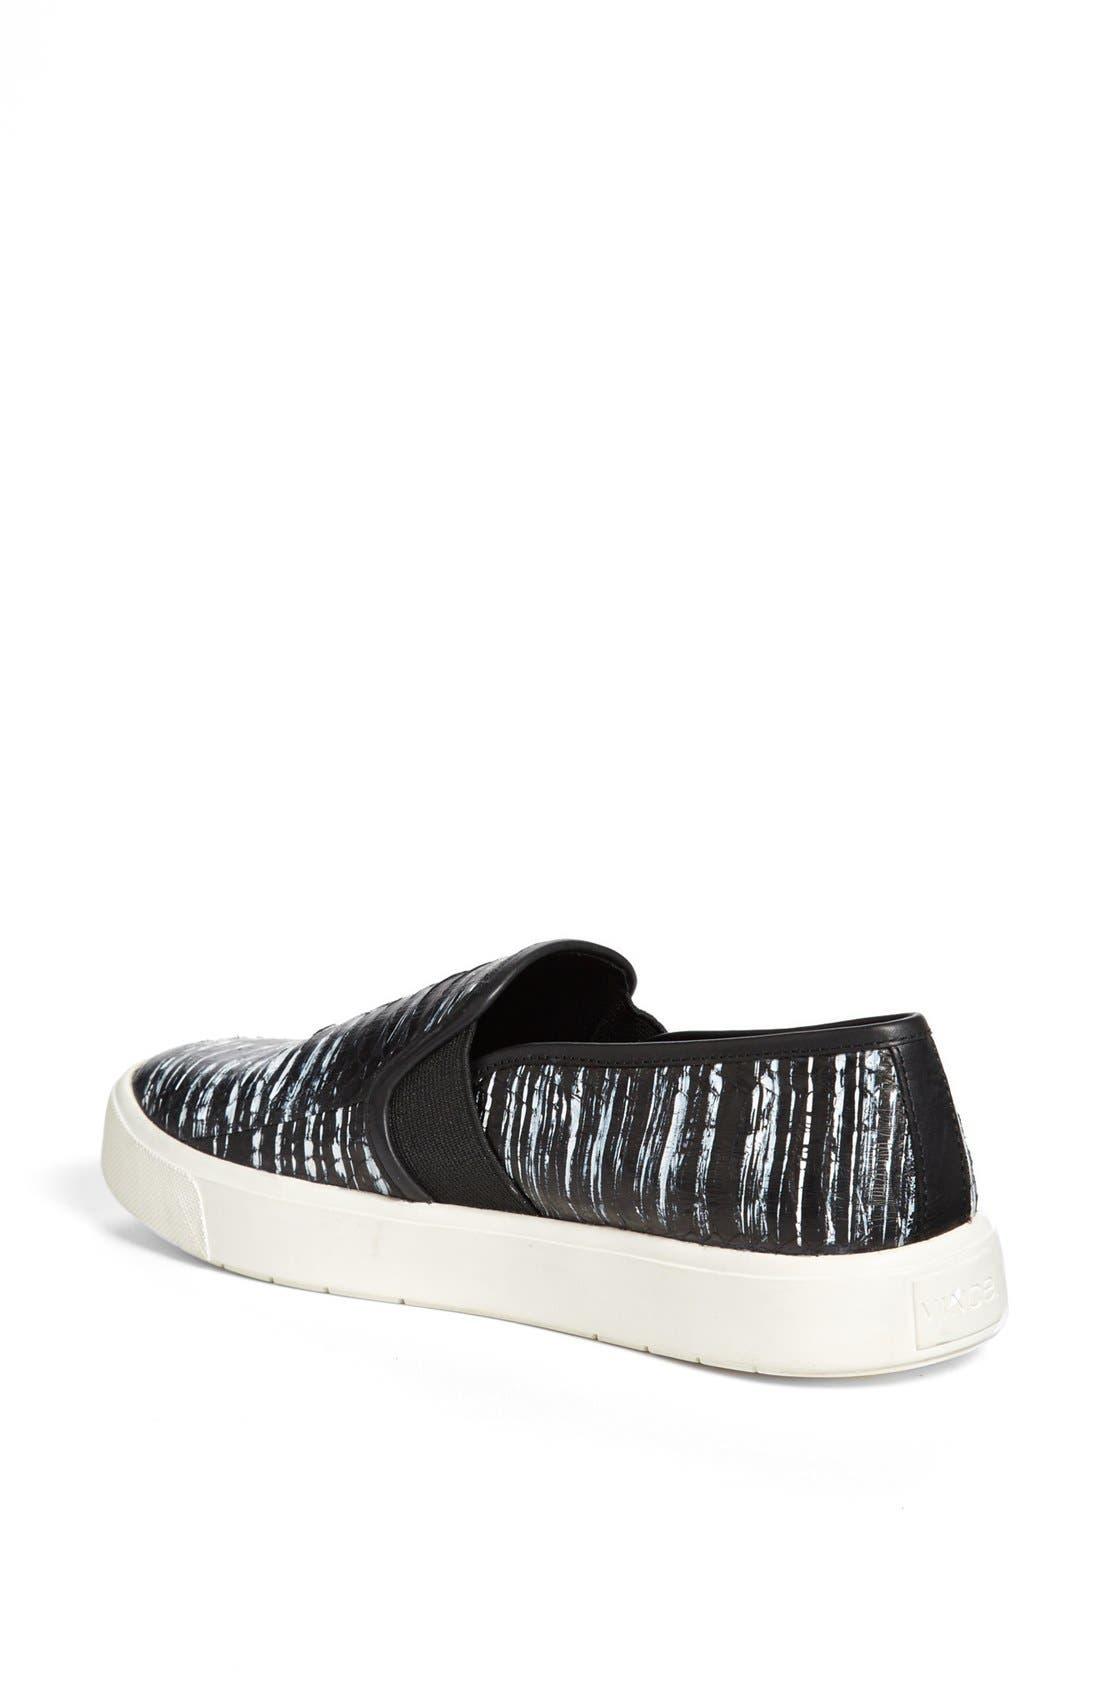 Alternate Image 2  - Vince 'Blair 7' Snakeskin Slip-On Sneaker